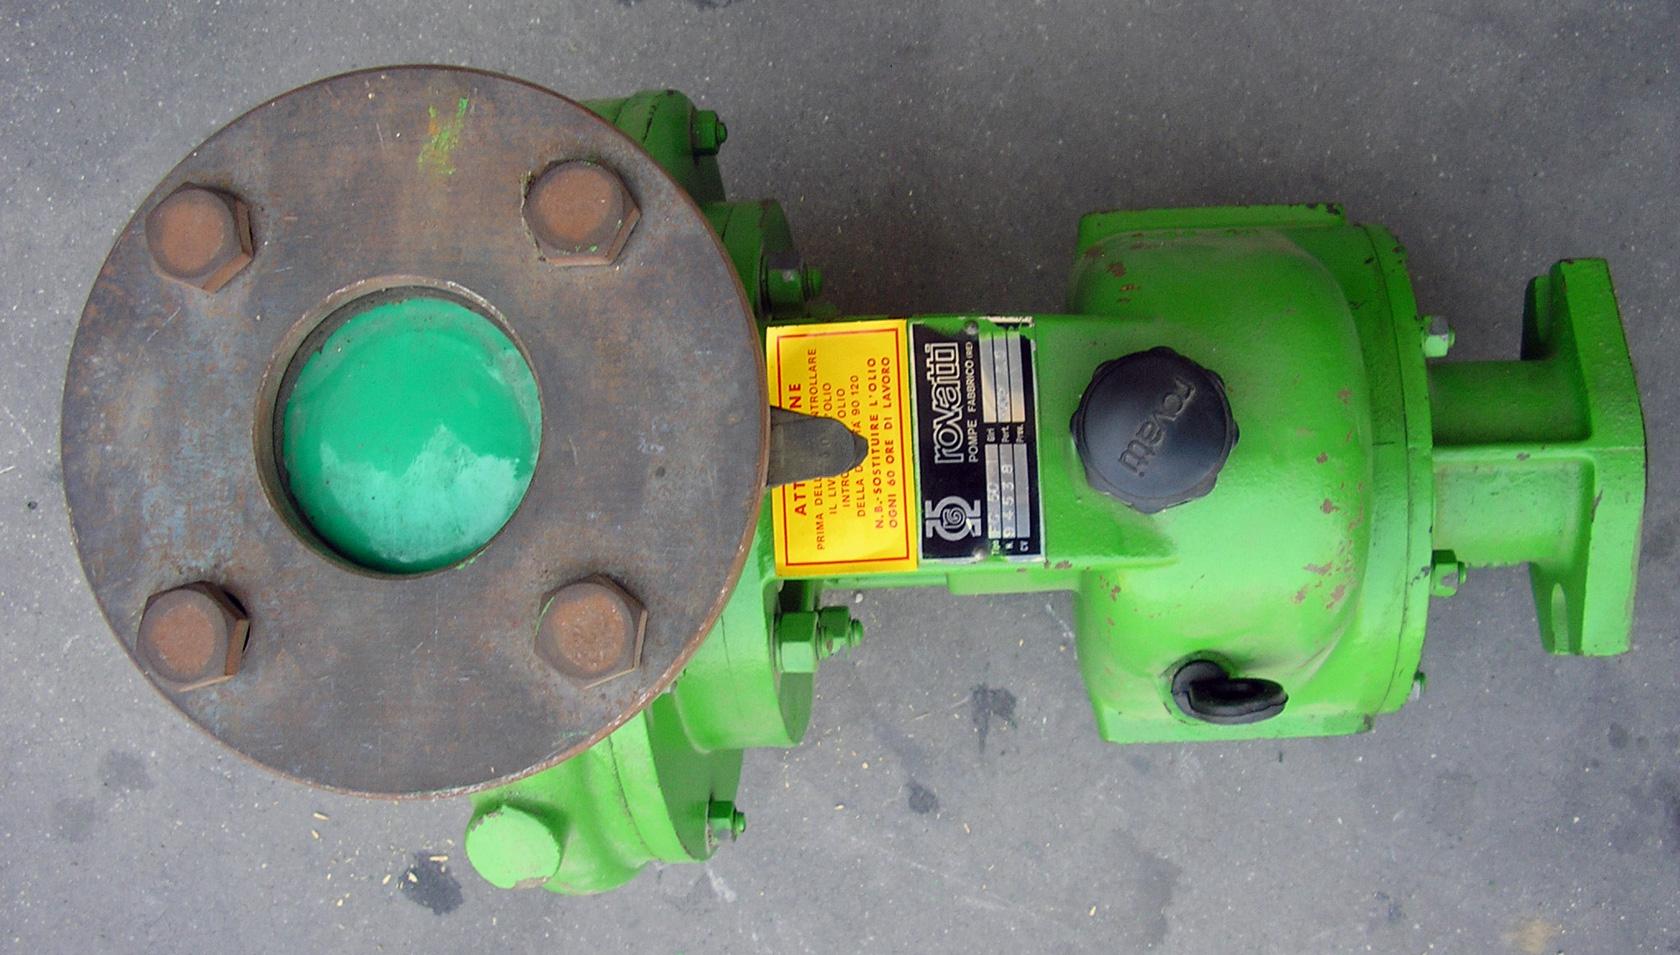 Pompa rovatti fc 50 per motocoltivatori rimanenza di magazzino for Pompa per motocoltivatore